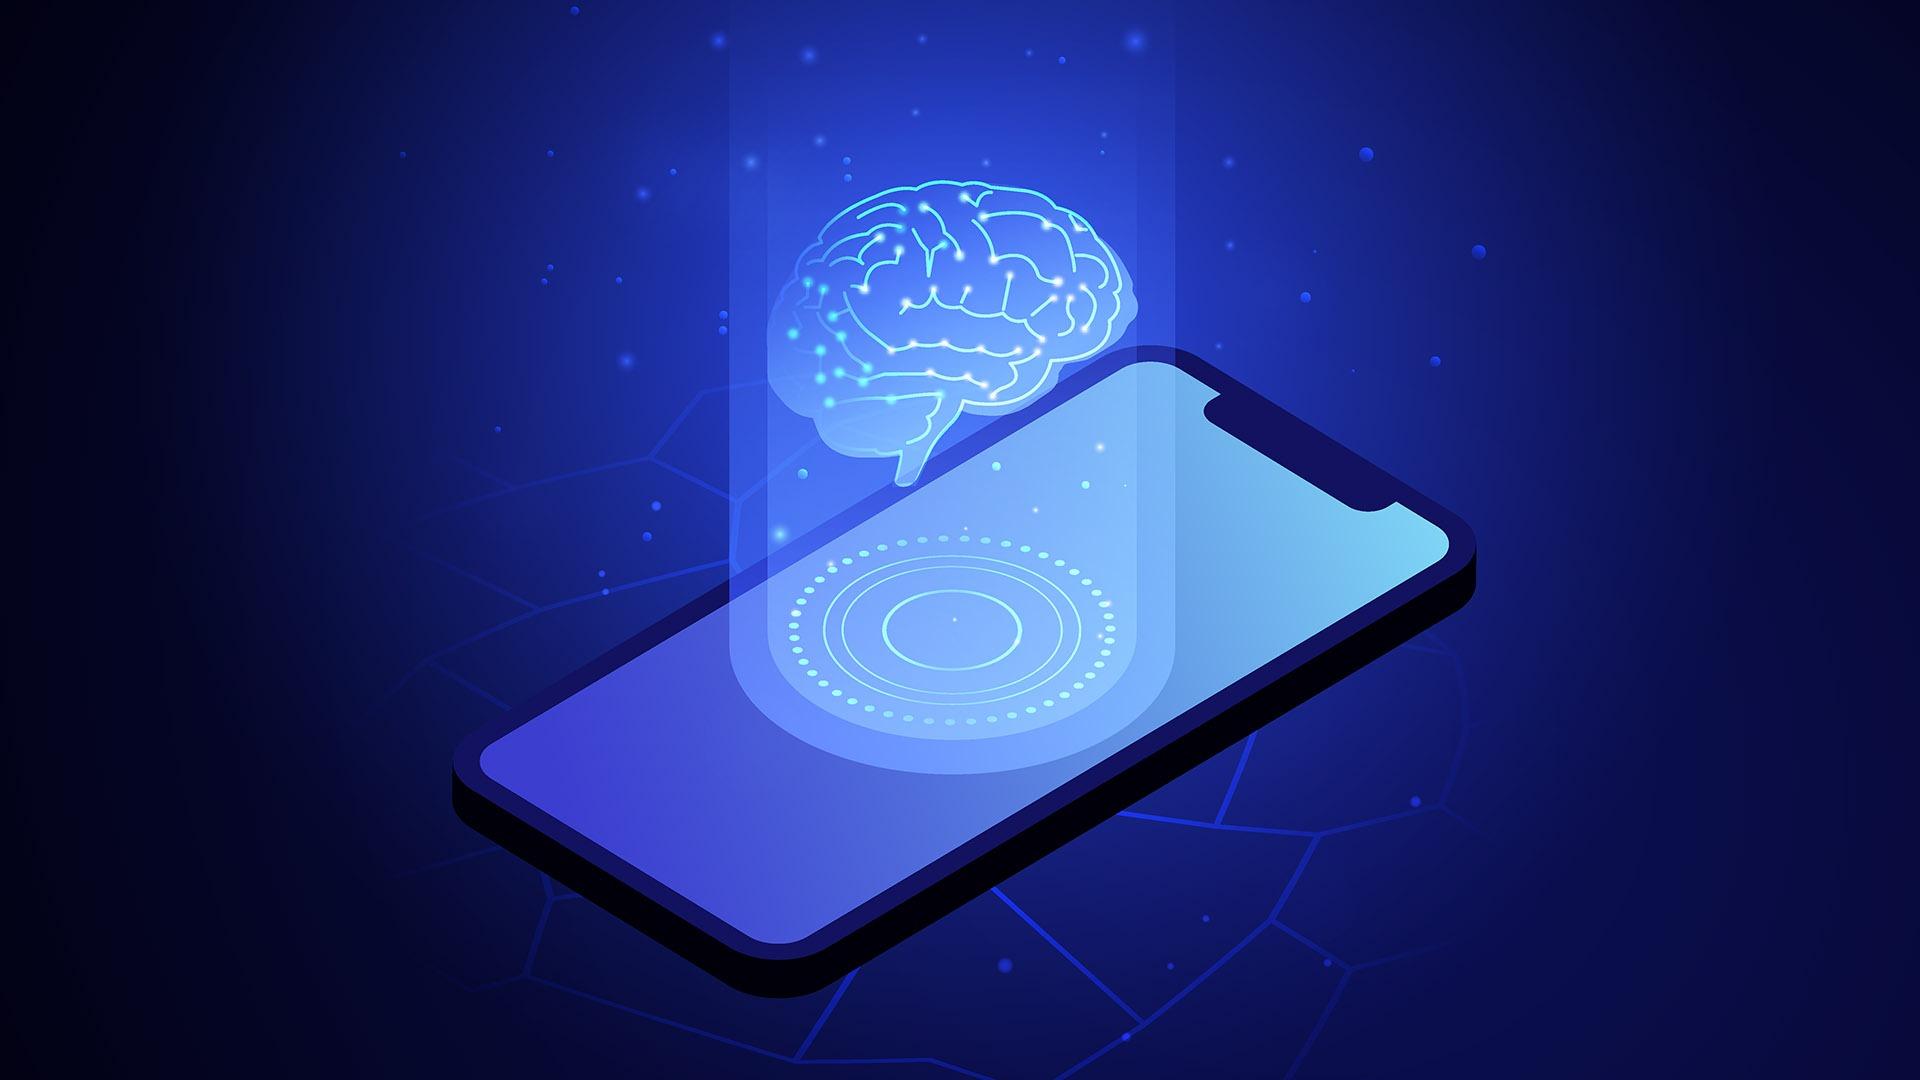 بهبود عملکرد یادگیری ماشین با ۵ استراتژی مهم